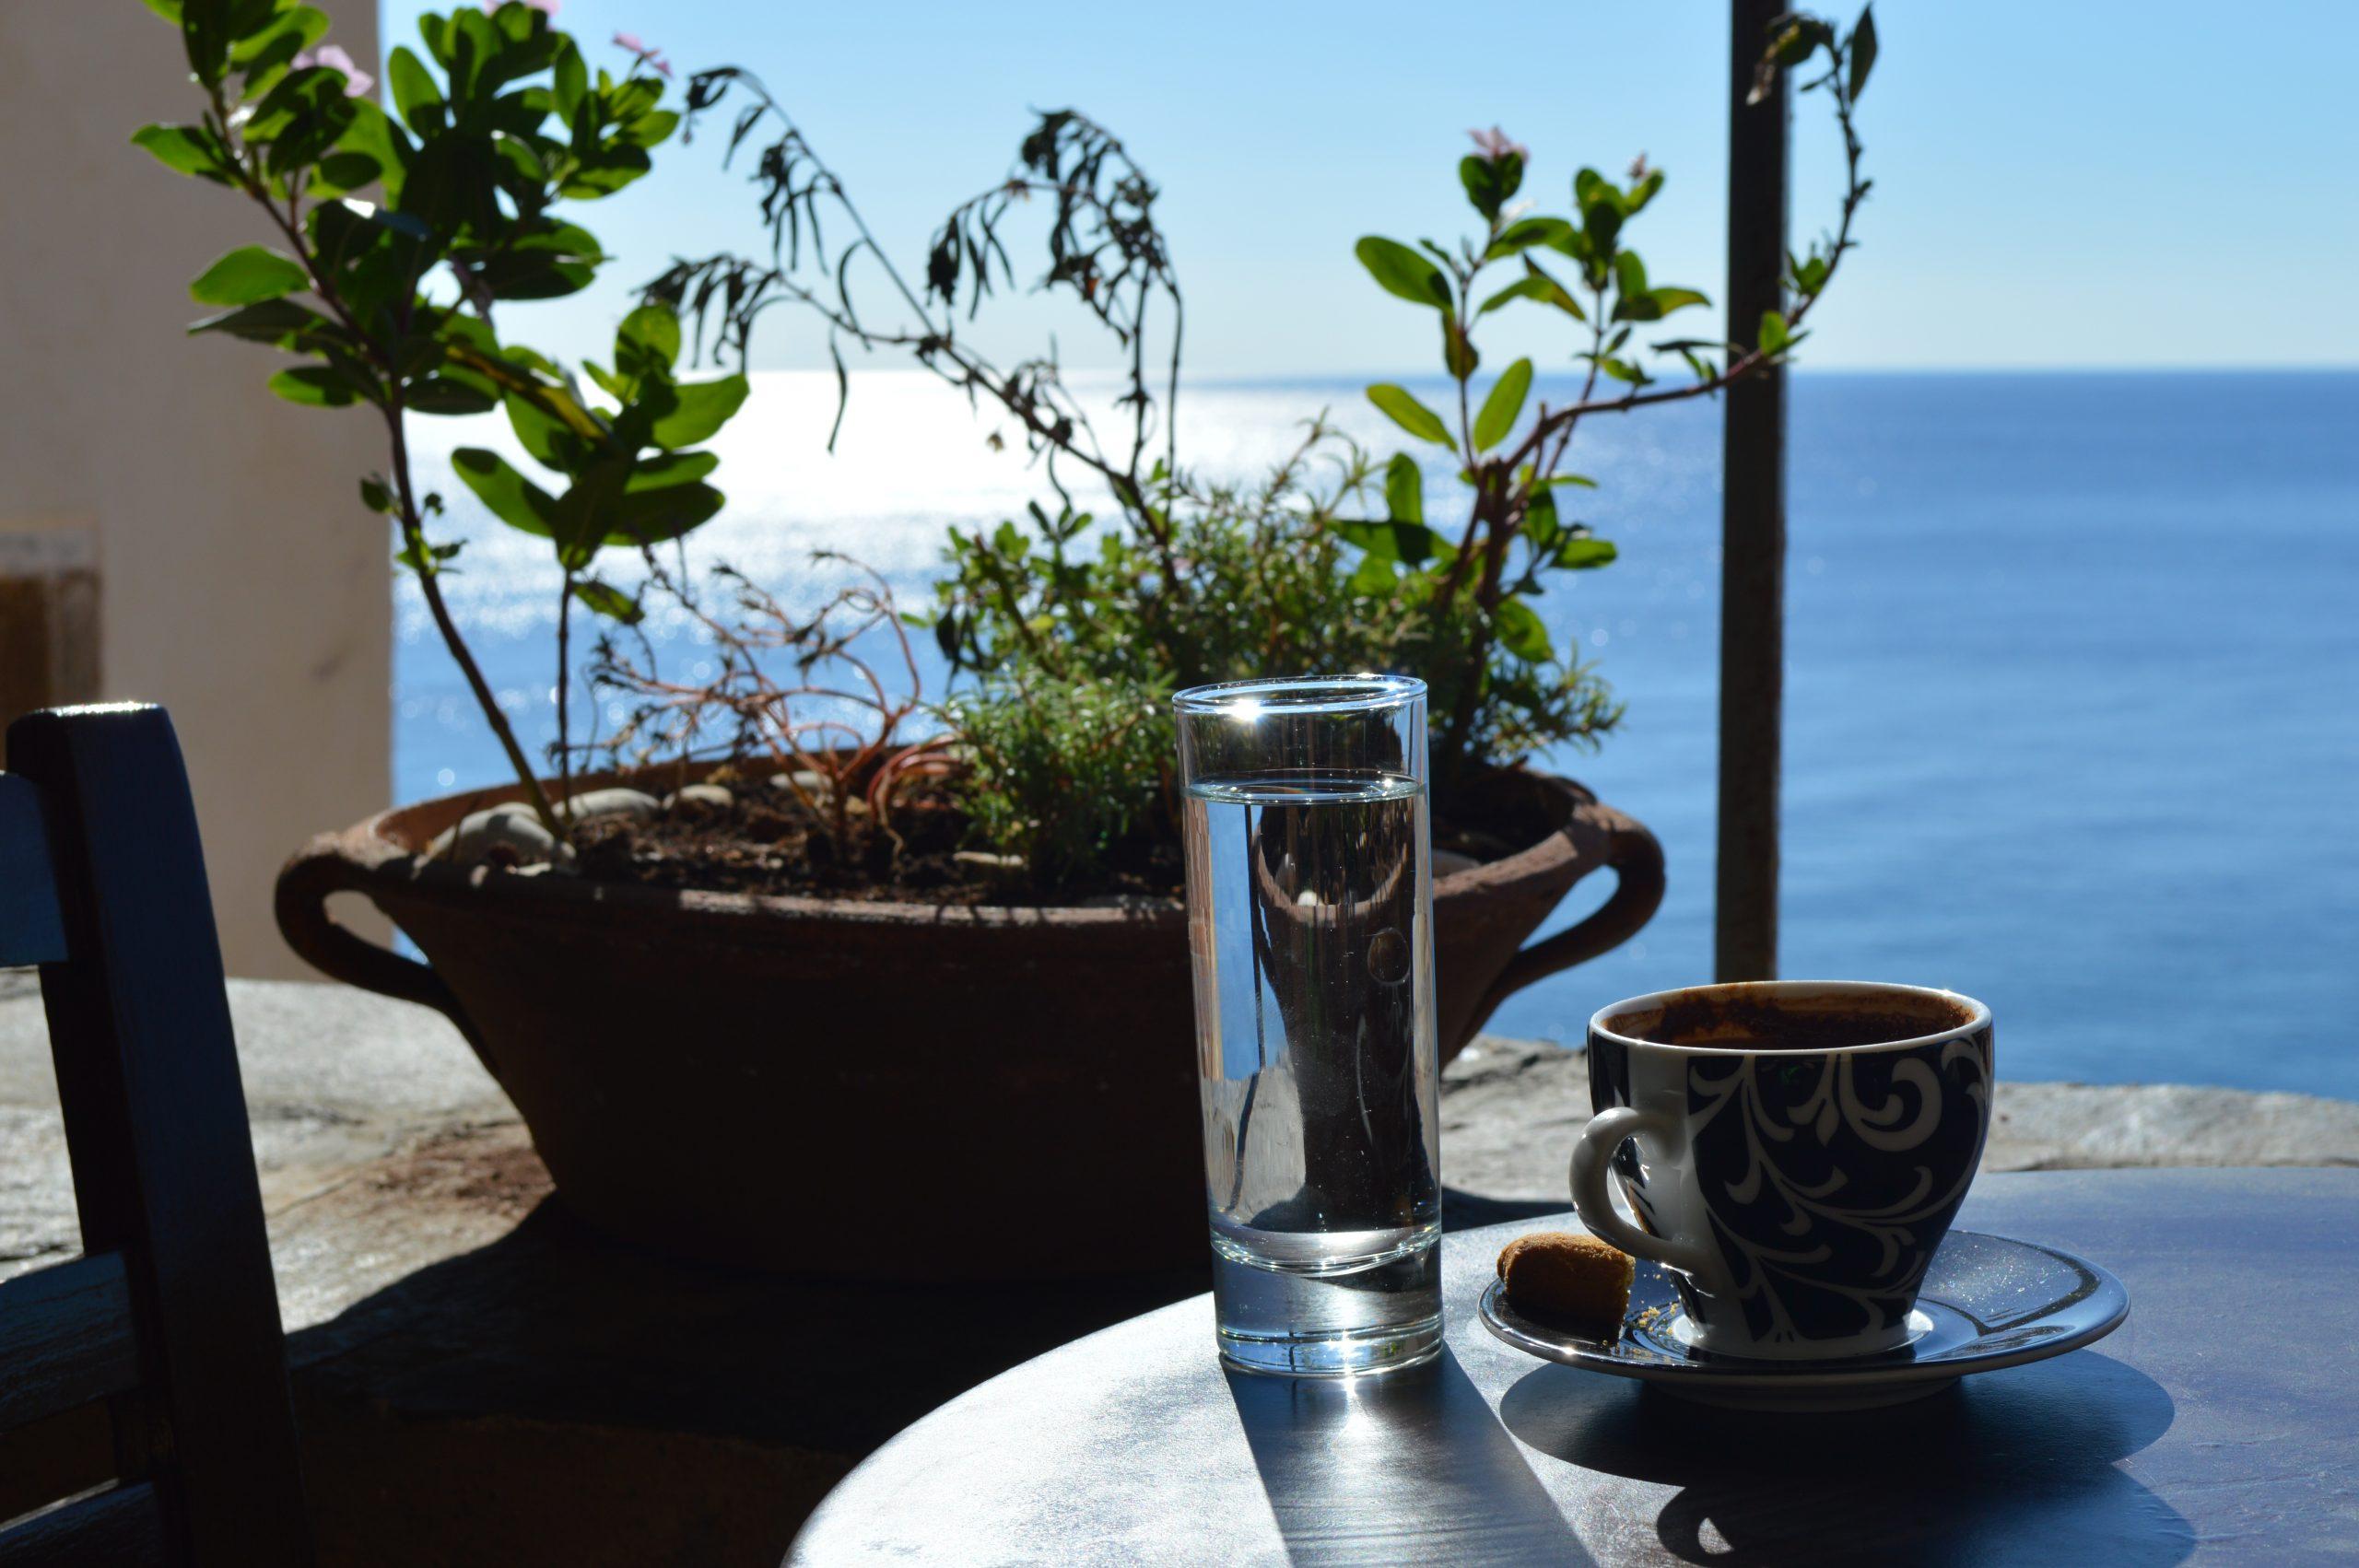 Greek Coffee